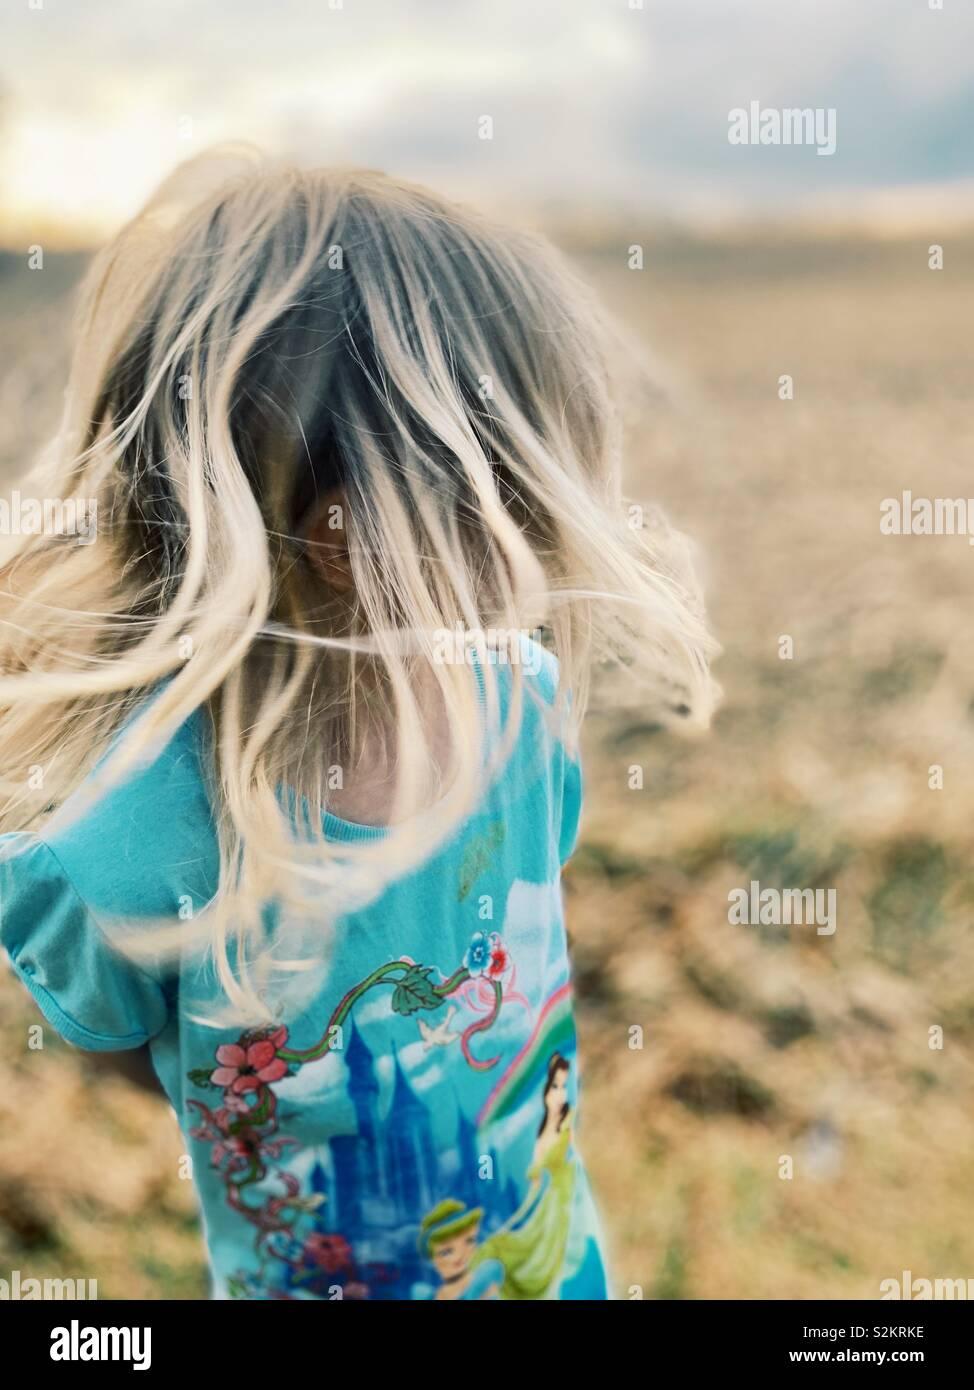 Chica con el pelo rubio en un campo. Foto de stock